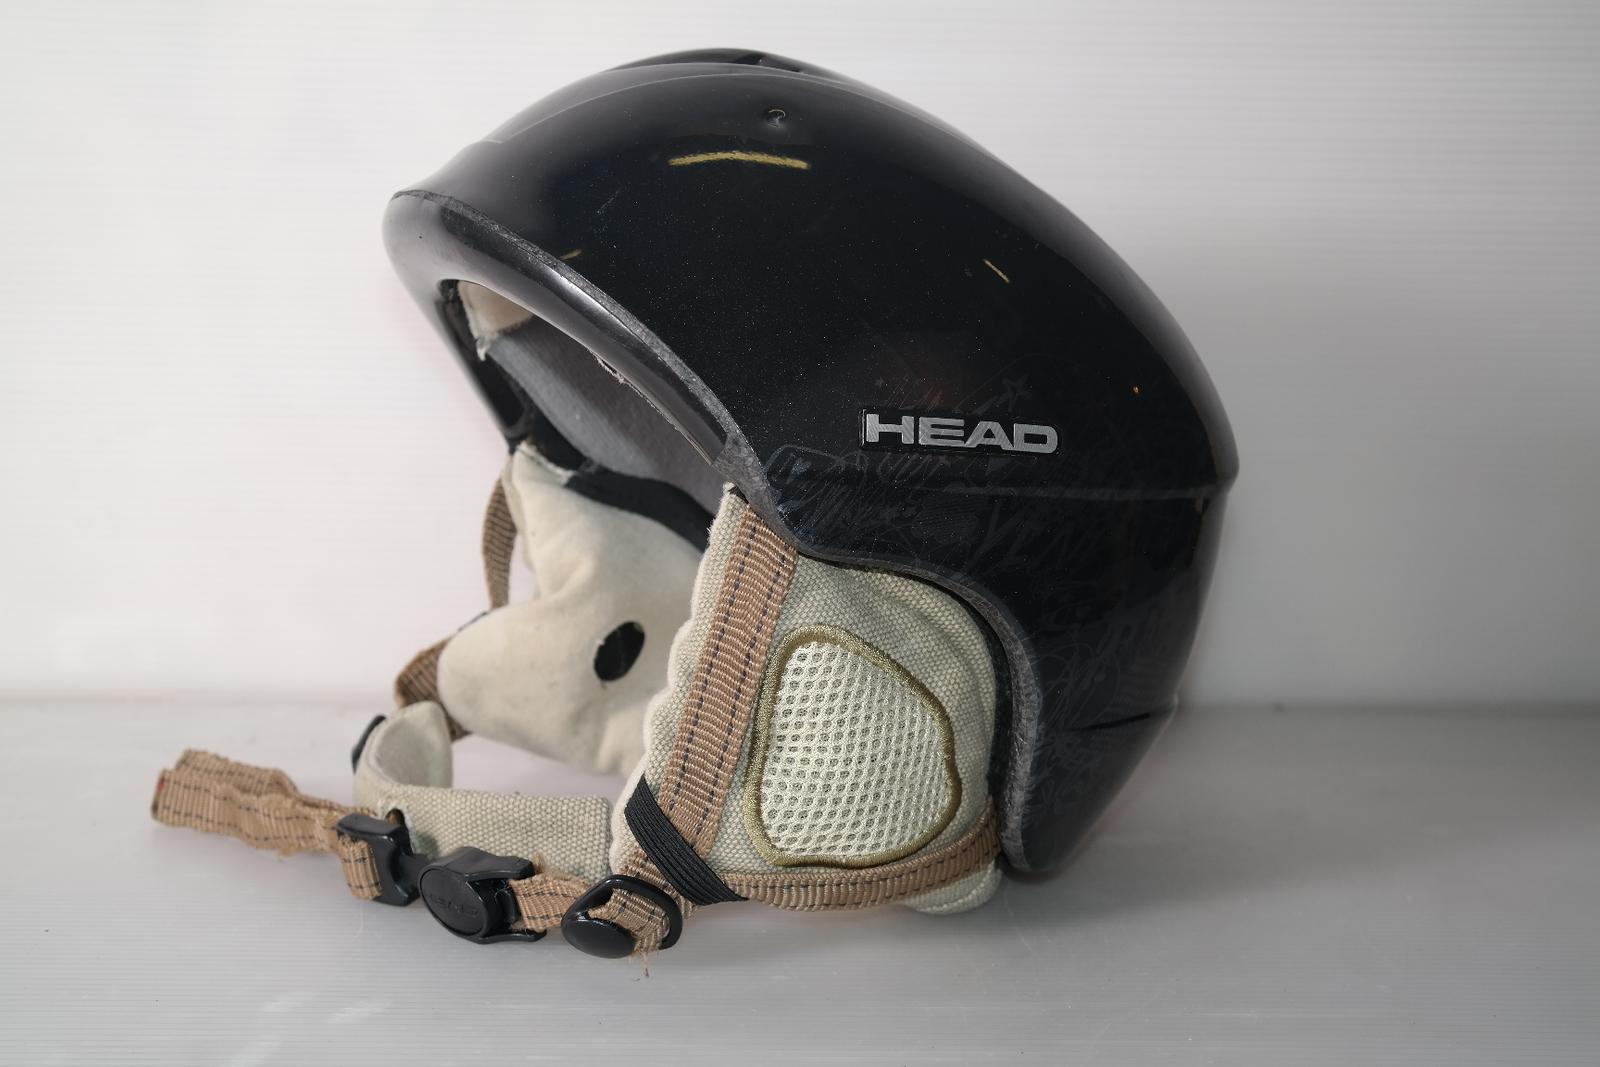 Dívčí lyžařská helma Head  vel. 52